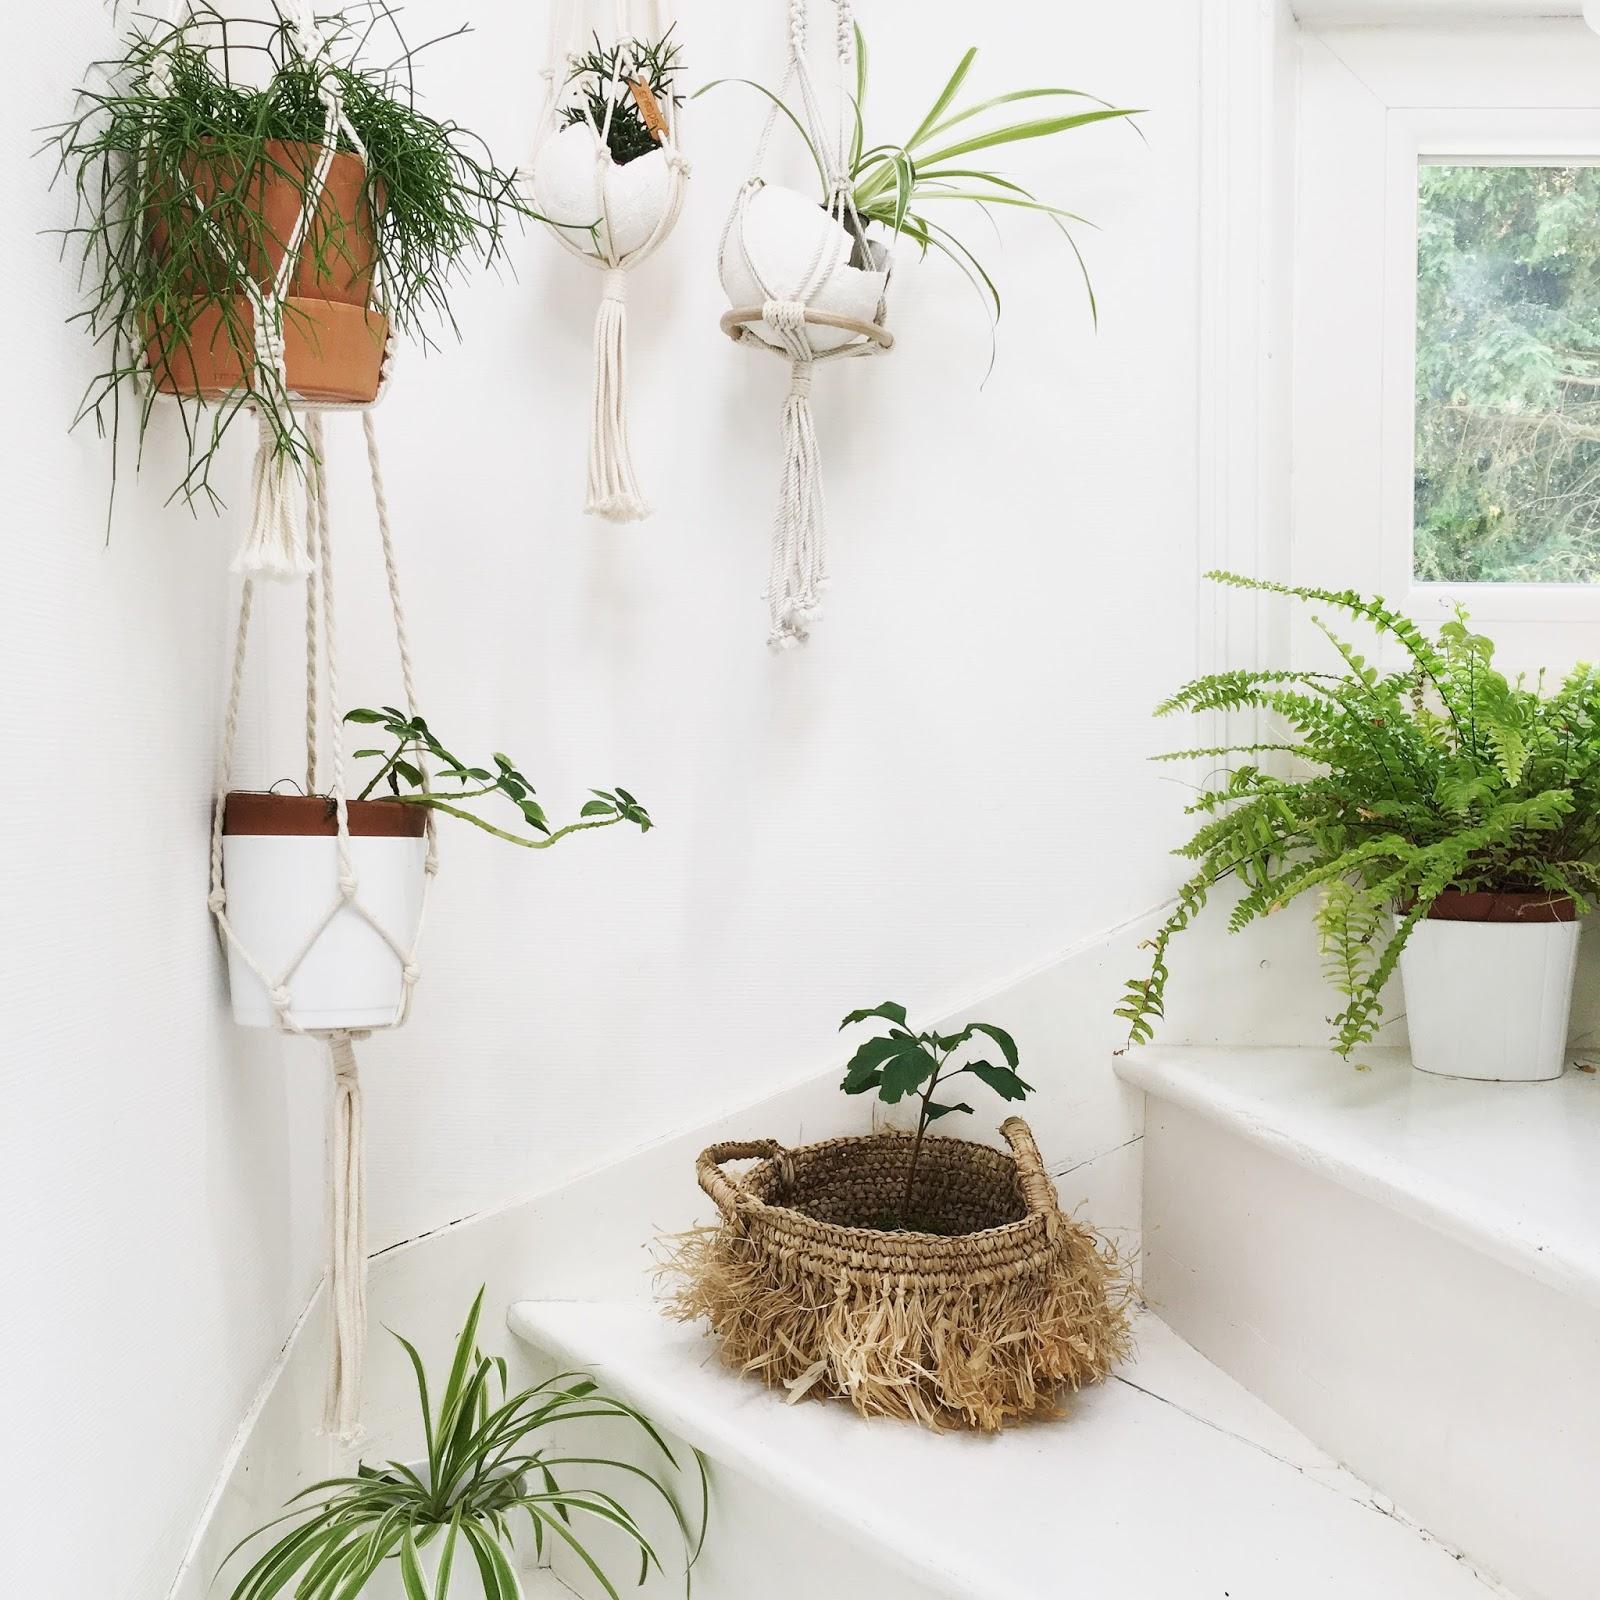 Atelier rue verte le blog collectif project inside couleurs et plantes vertes for Les plantes vertes